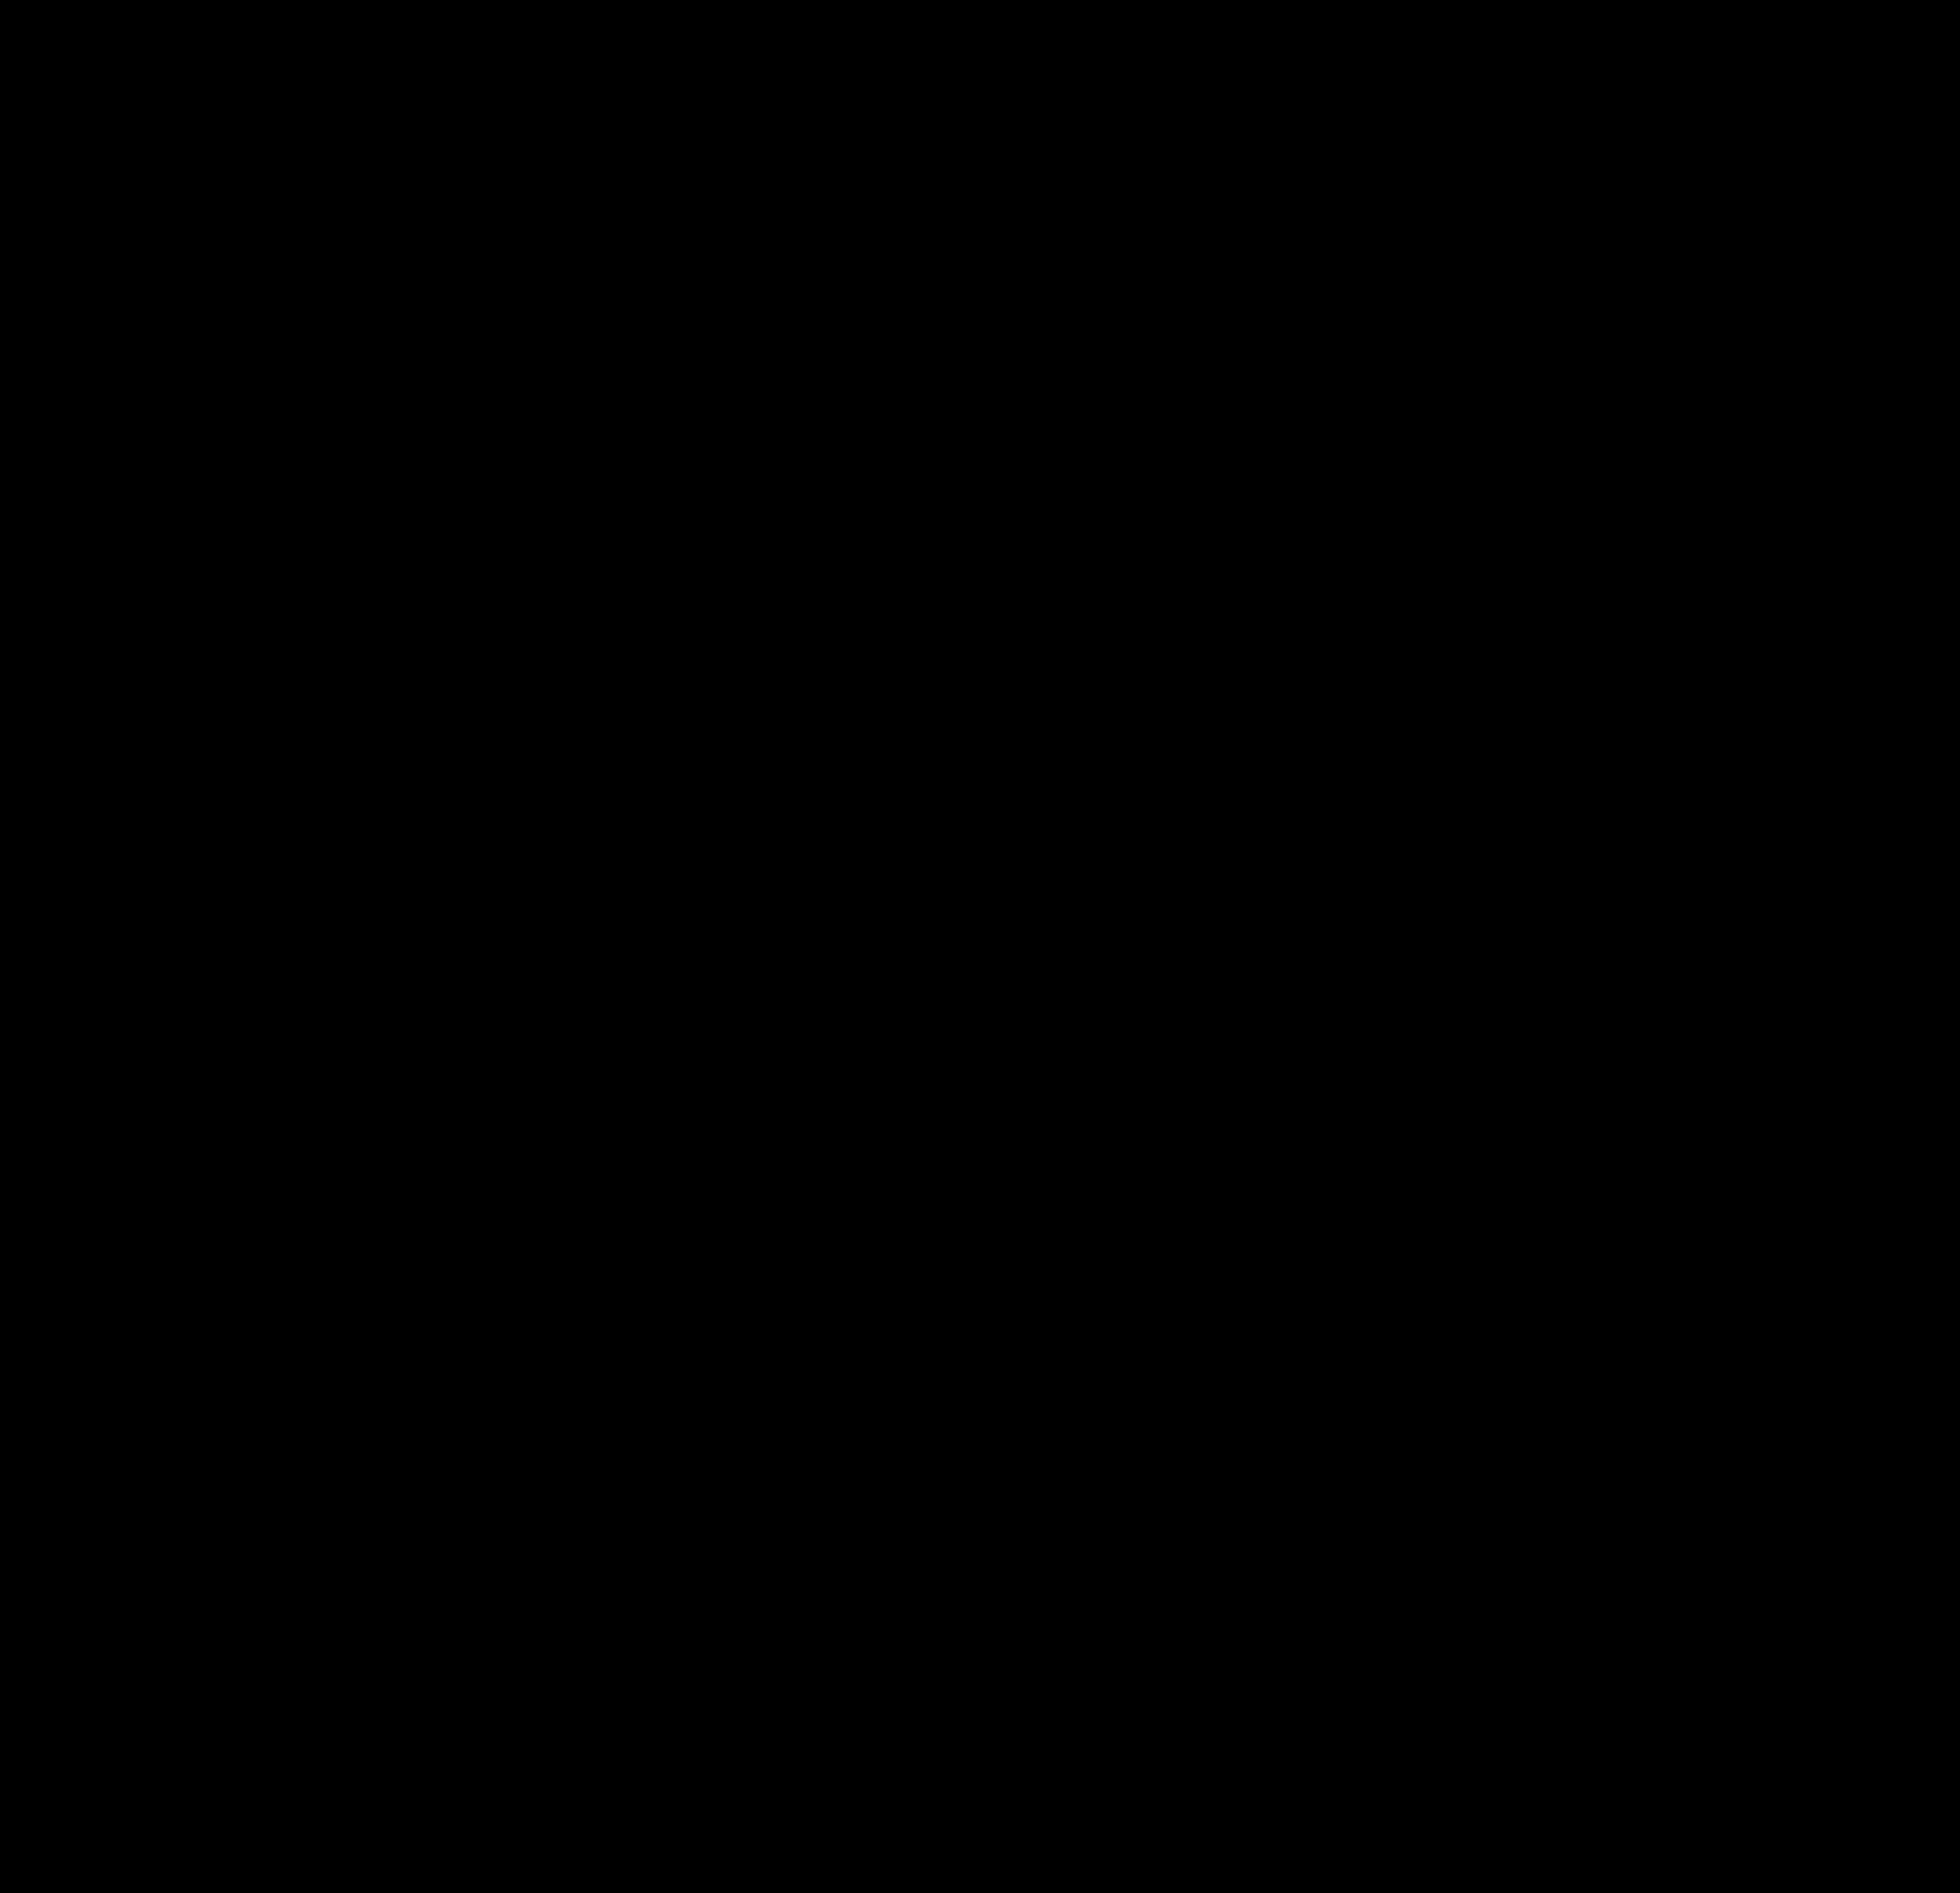 EUSynBioS icon BW